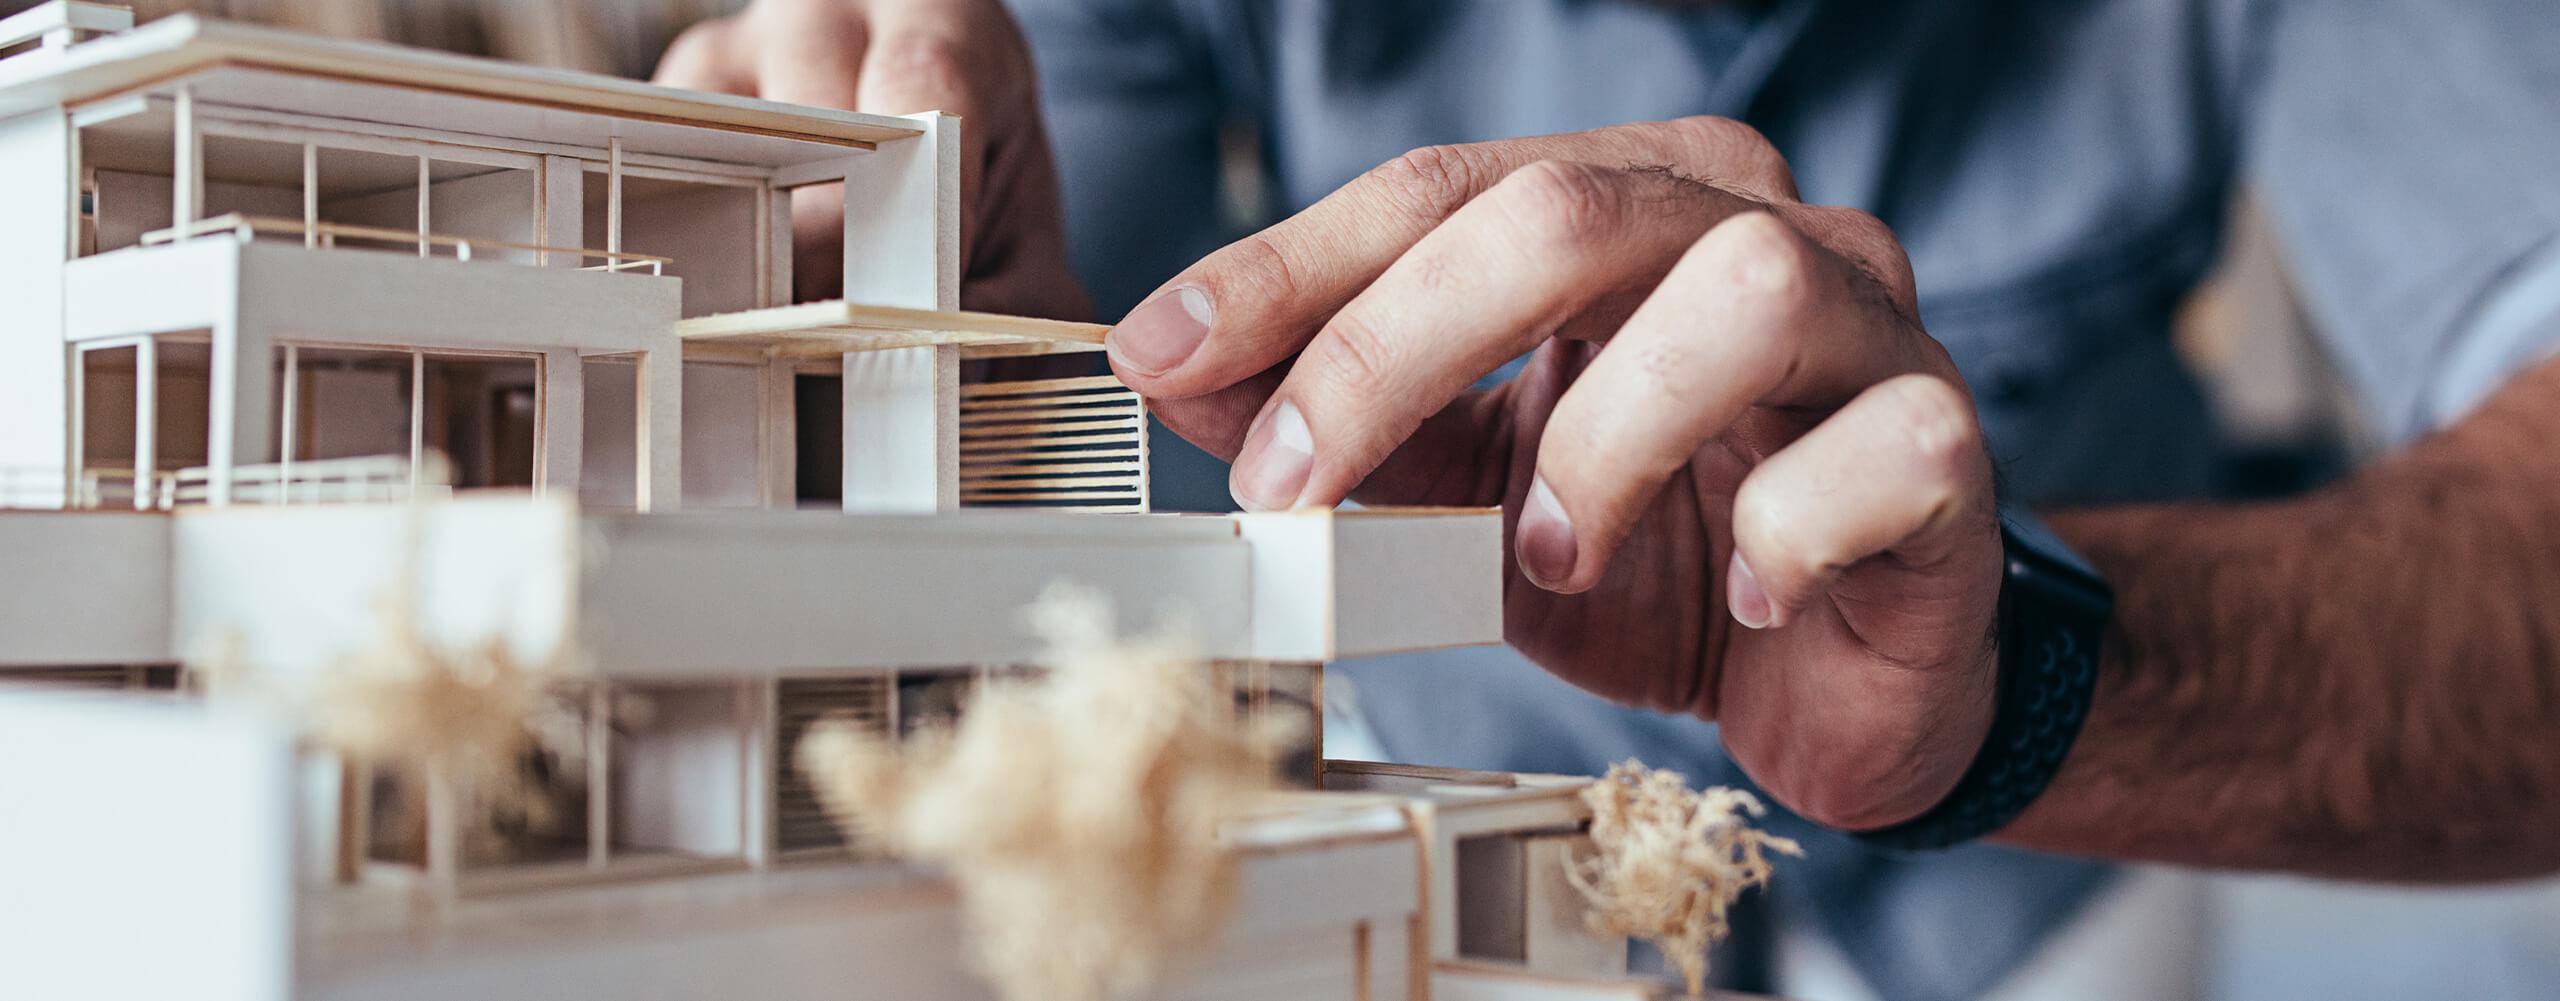 Nahaufnahme von Händen an einem Stadtmodell